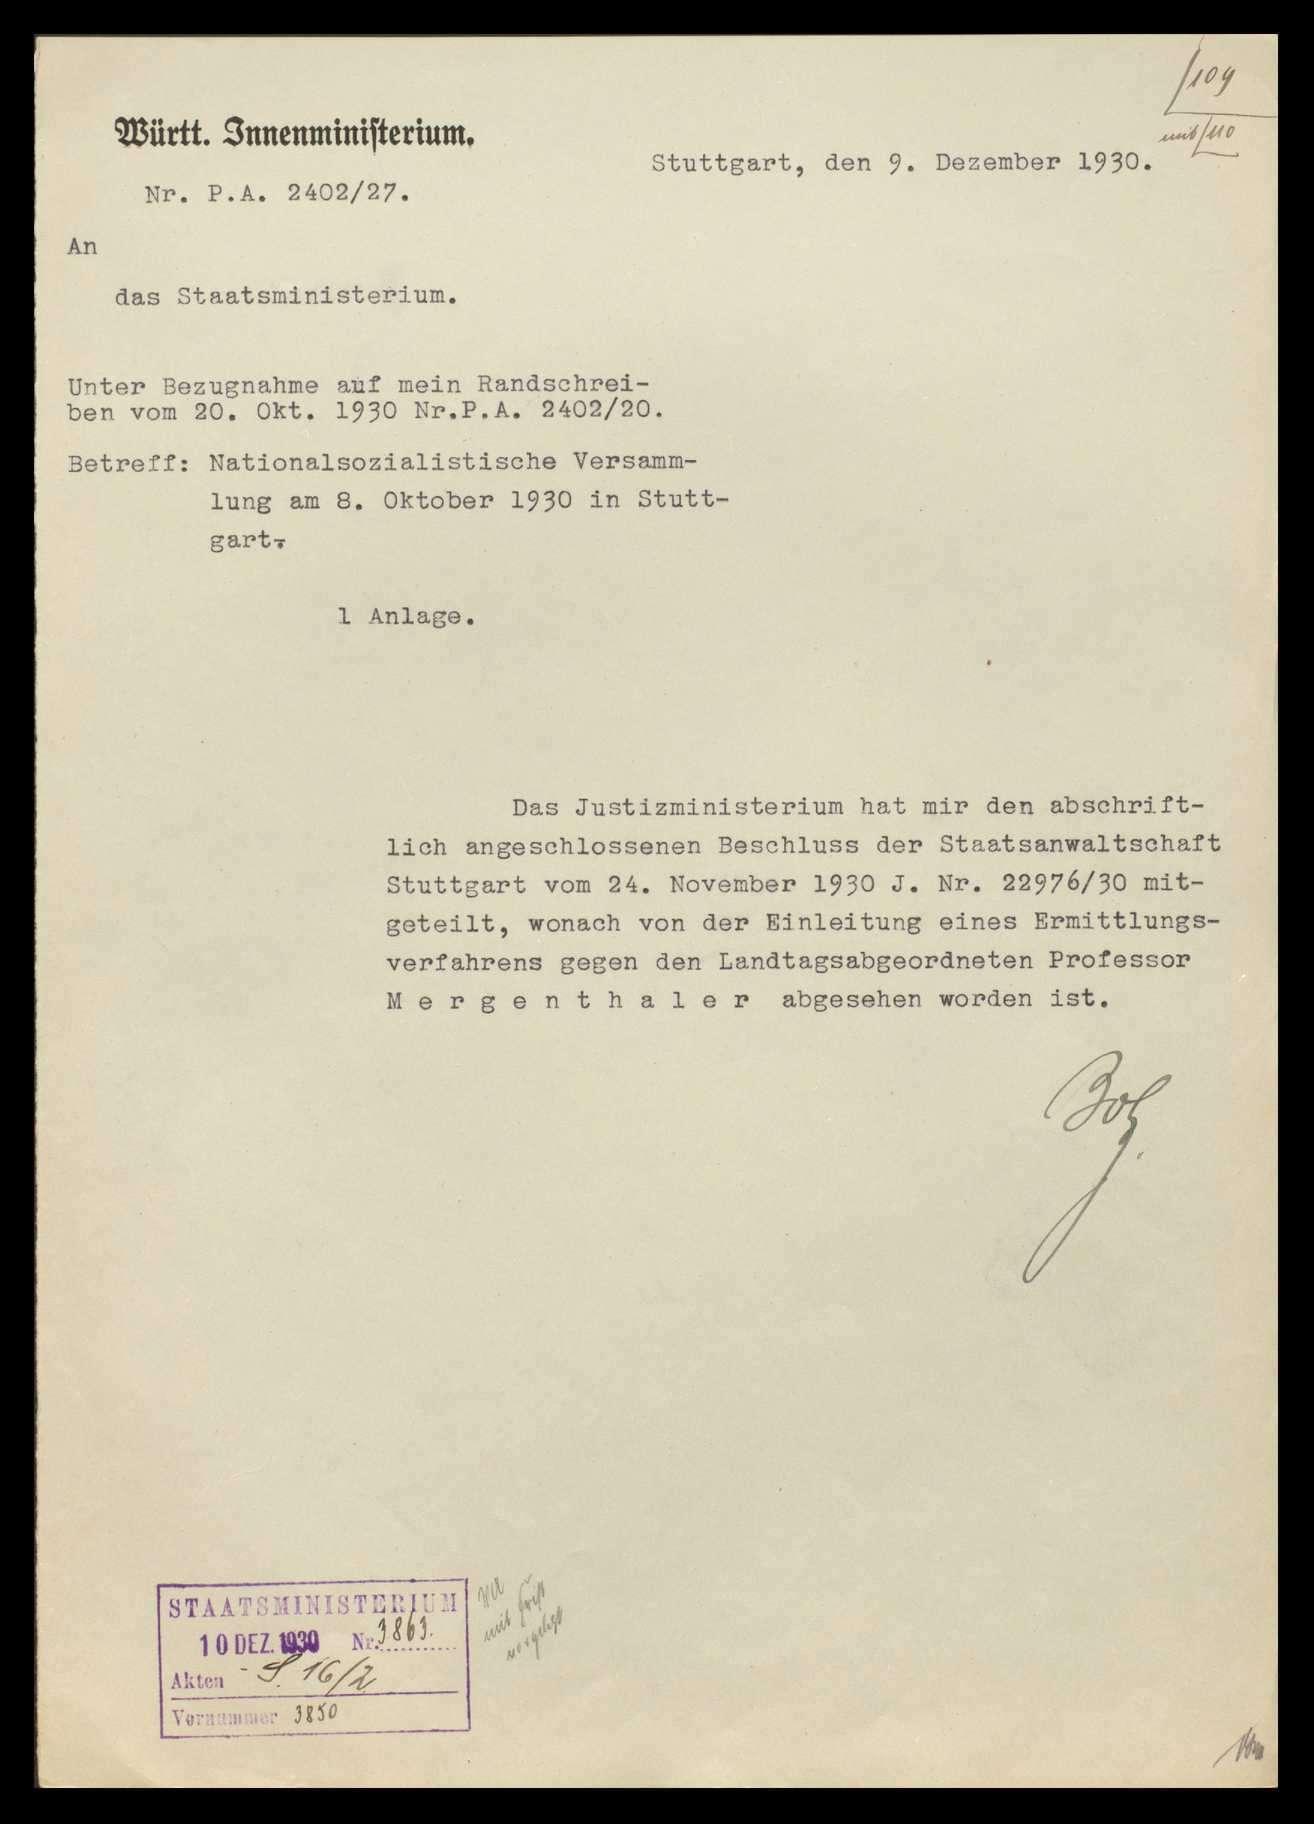 Versammlungen, Agitationen und andere Tätigkeiten der Nationalsozialisten, Bild 3